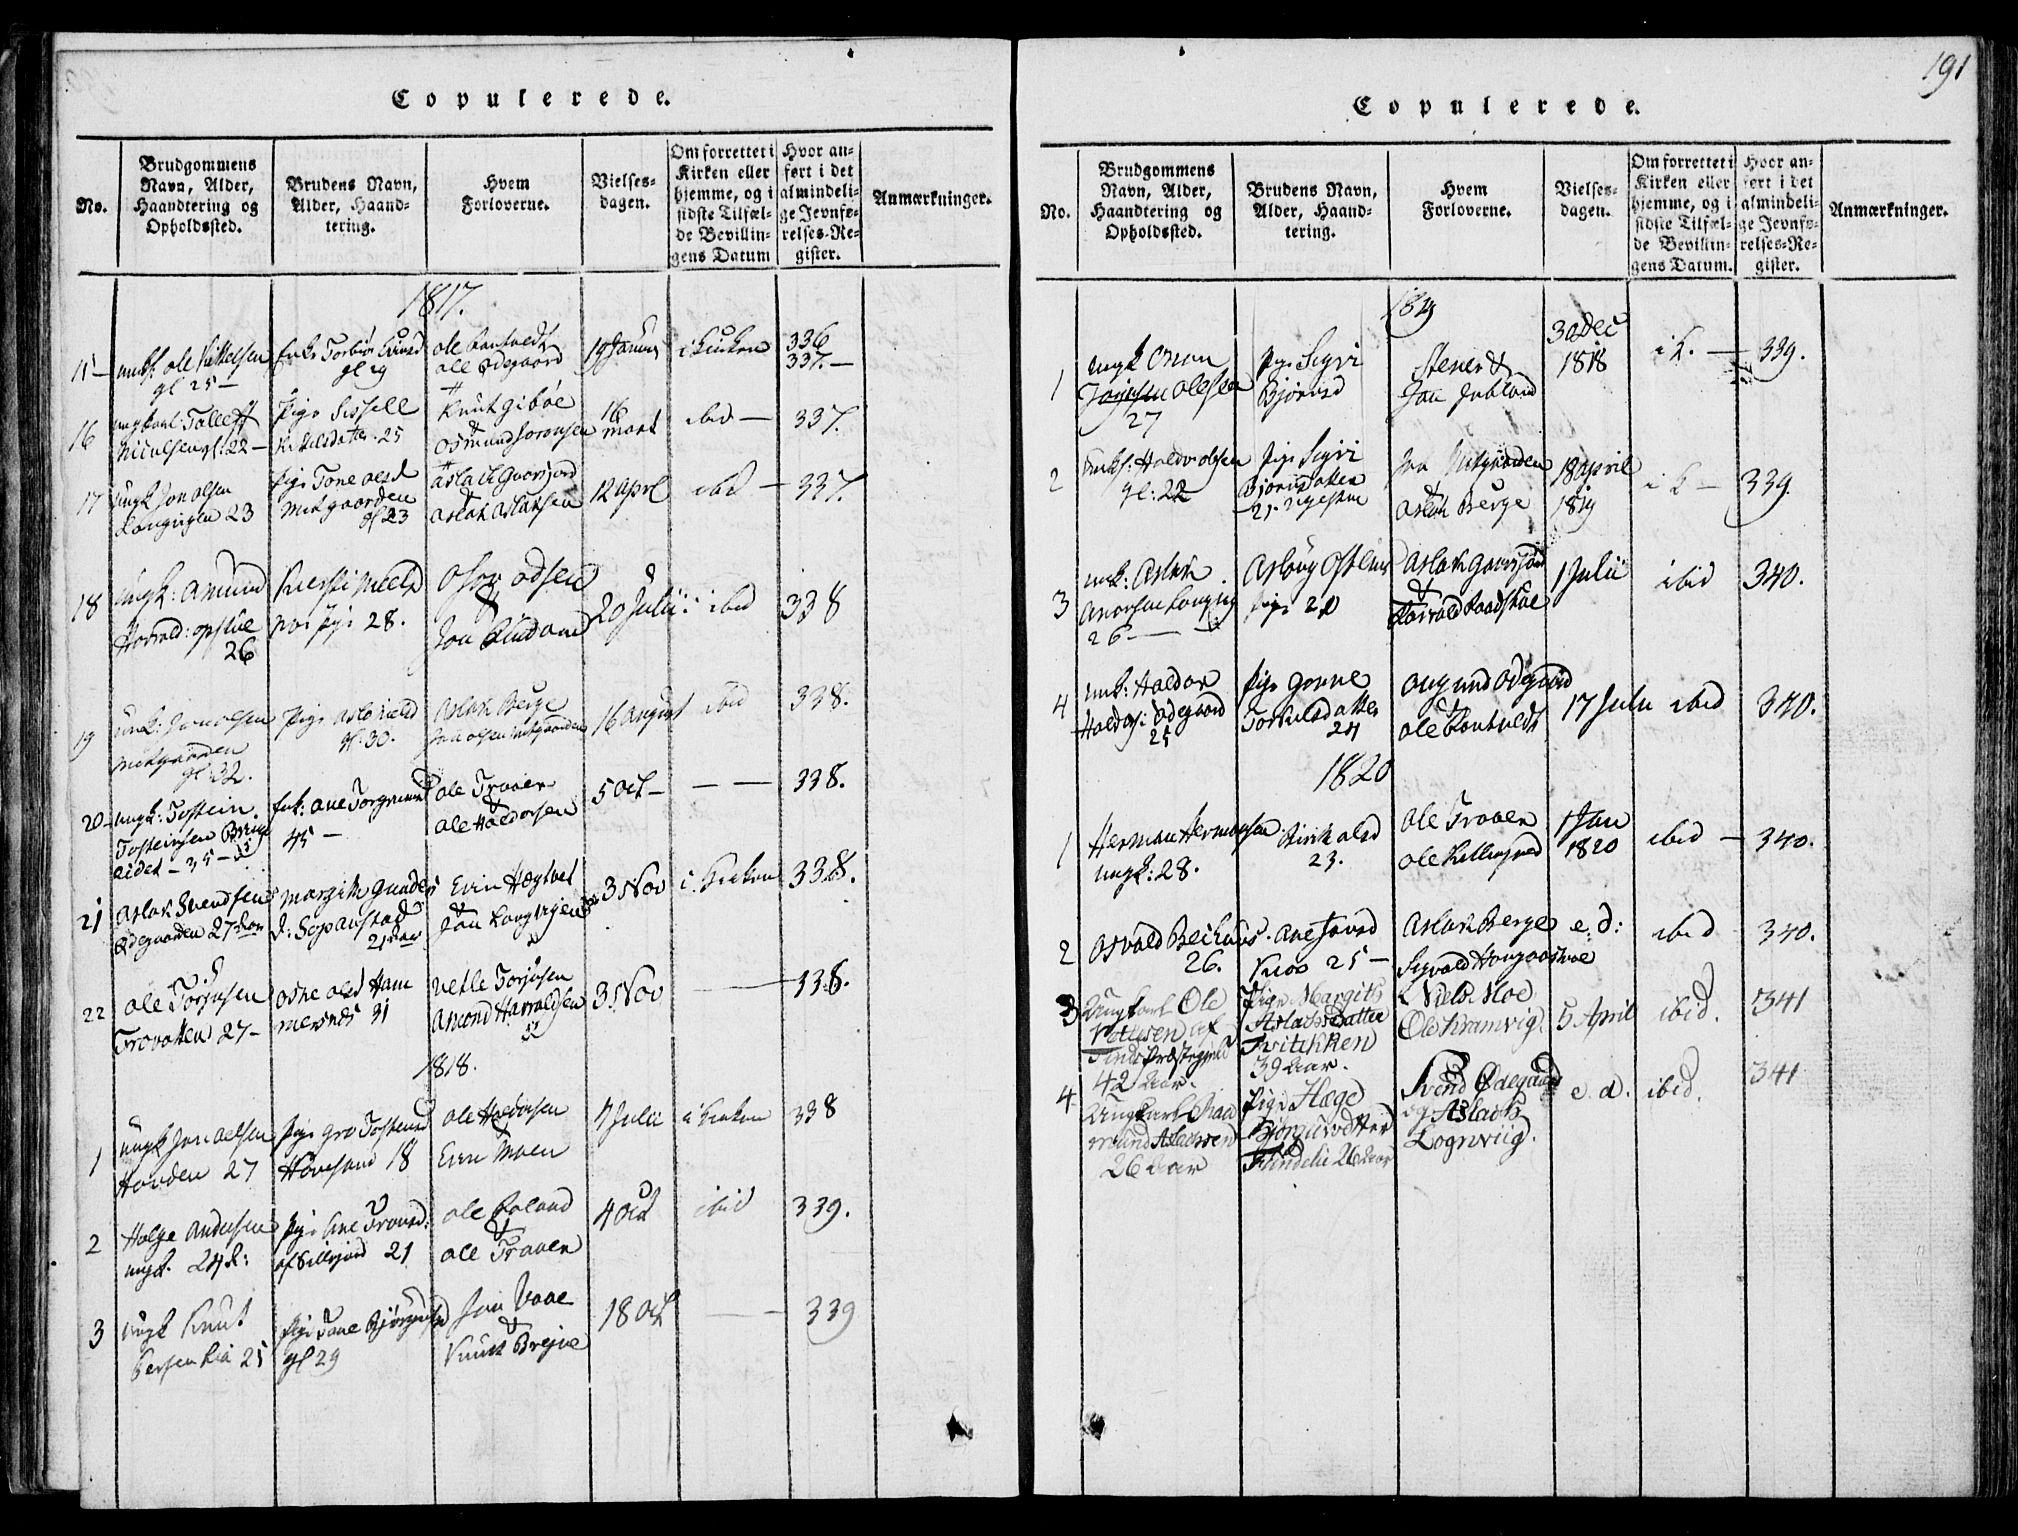 SAKO, Rauland kirkebøker, G/Ga/L0001: Klokkerbok nr. I 1, 1814-1843, s. 191